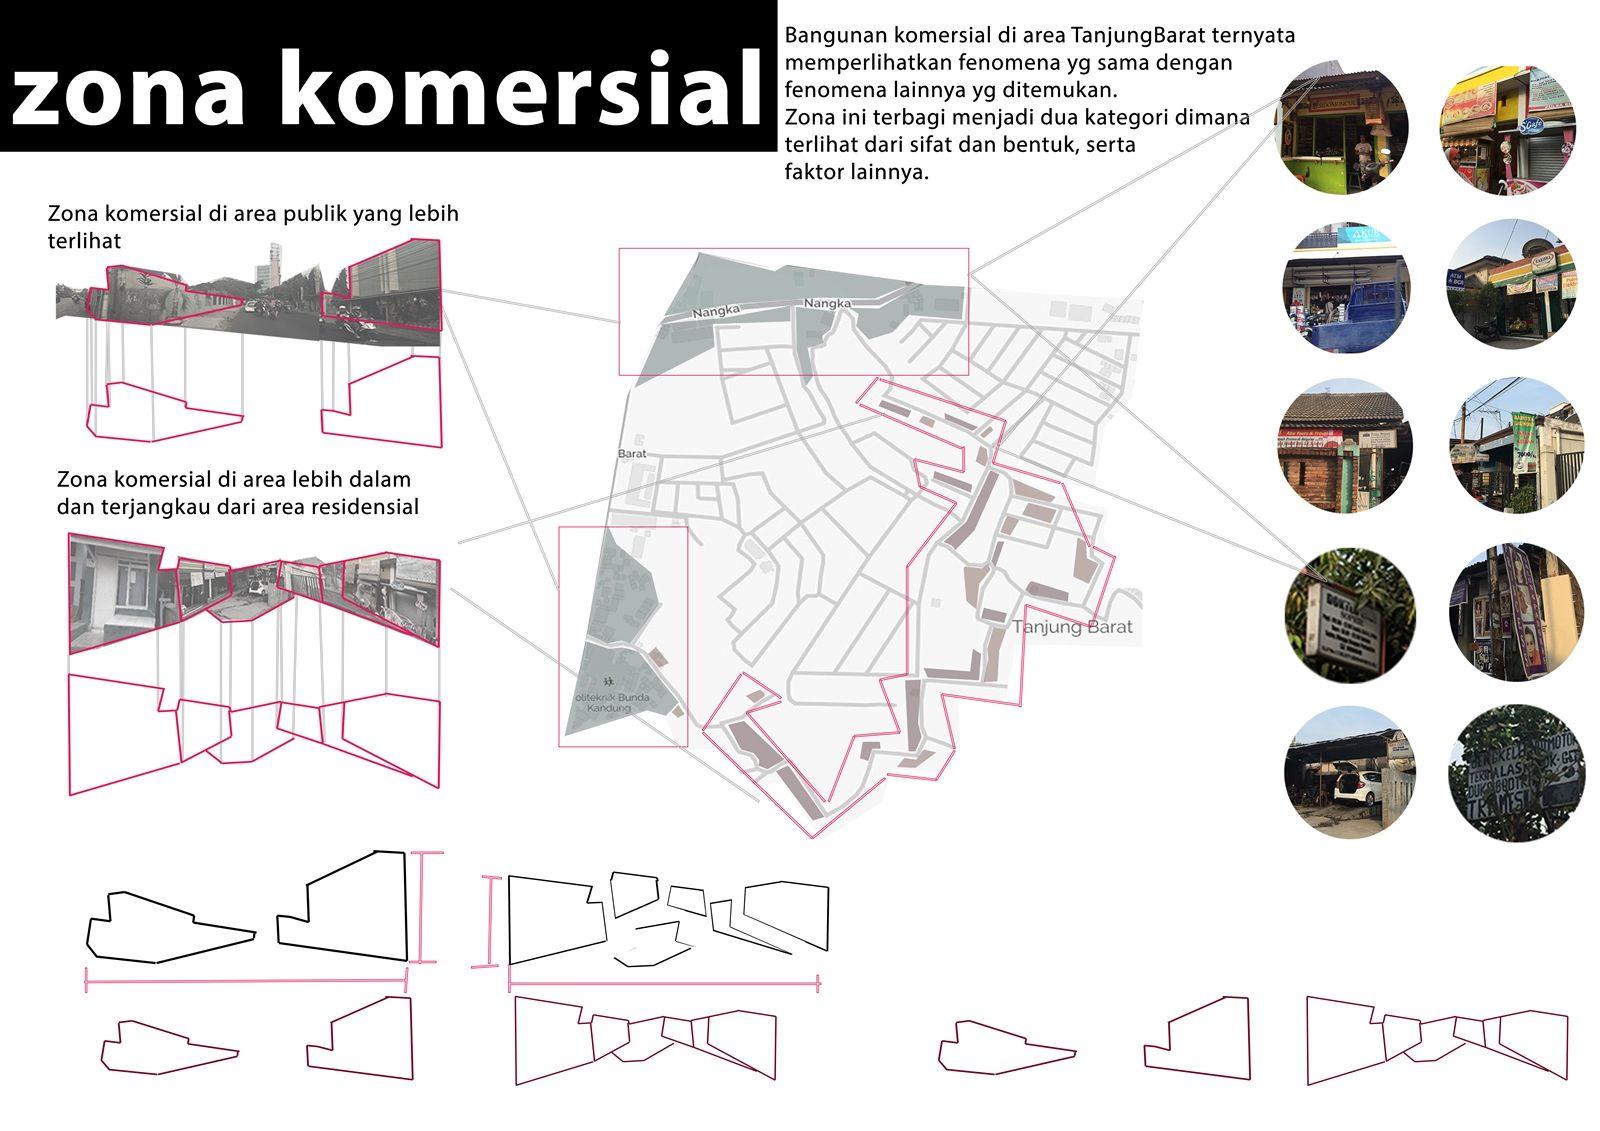 Diagram penjelasan zona komersial dalam diagram ini diperlihatkan diagram penjelasan zona komersial dalam diagram ini diperlihatkan bahwa ada 2 kategori zona komersial di tanjung ccuart Images